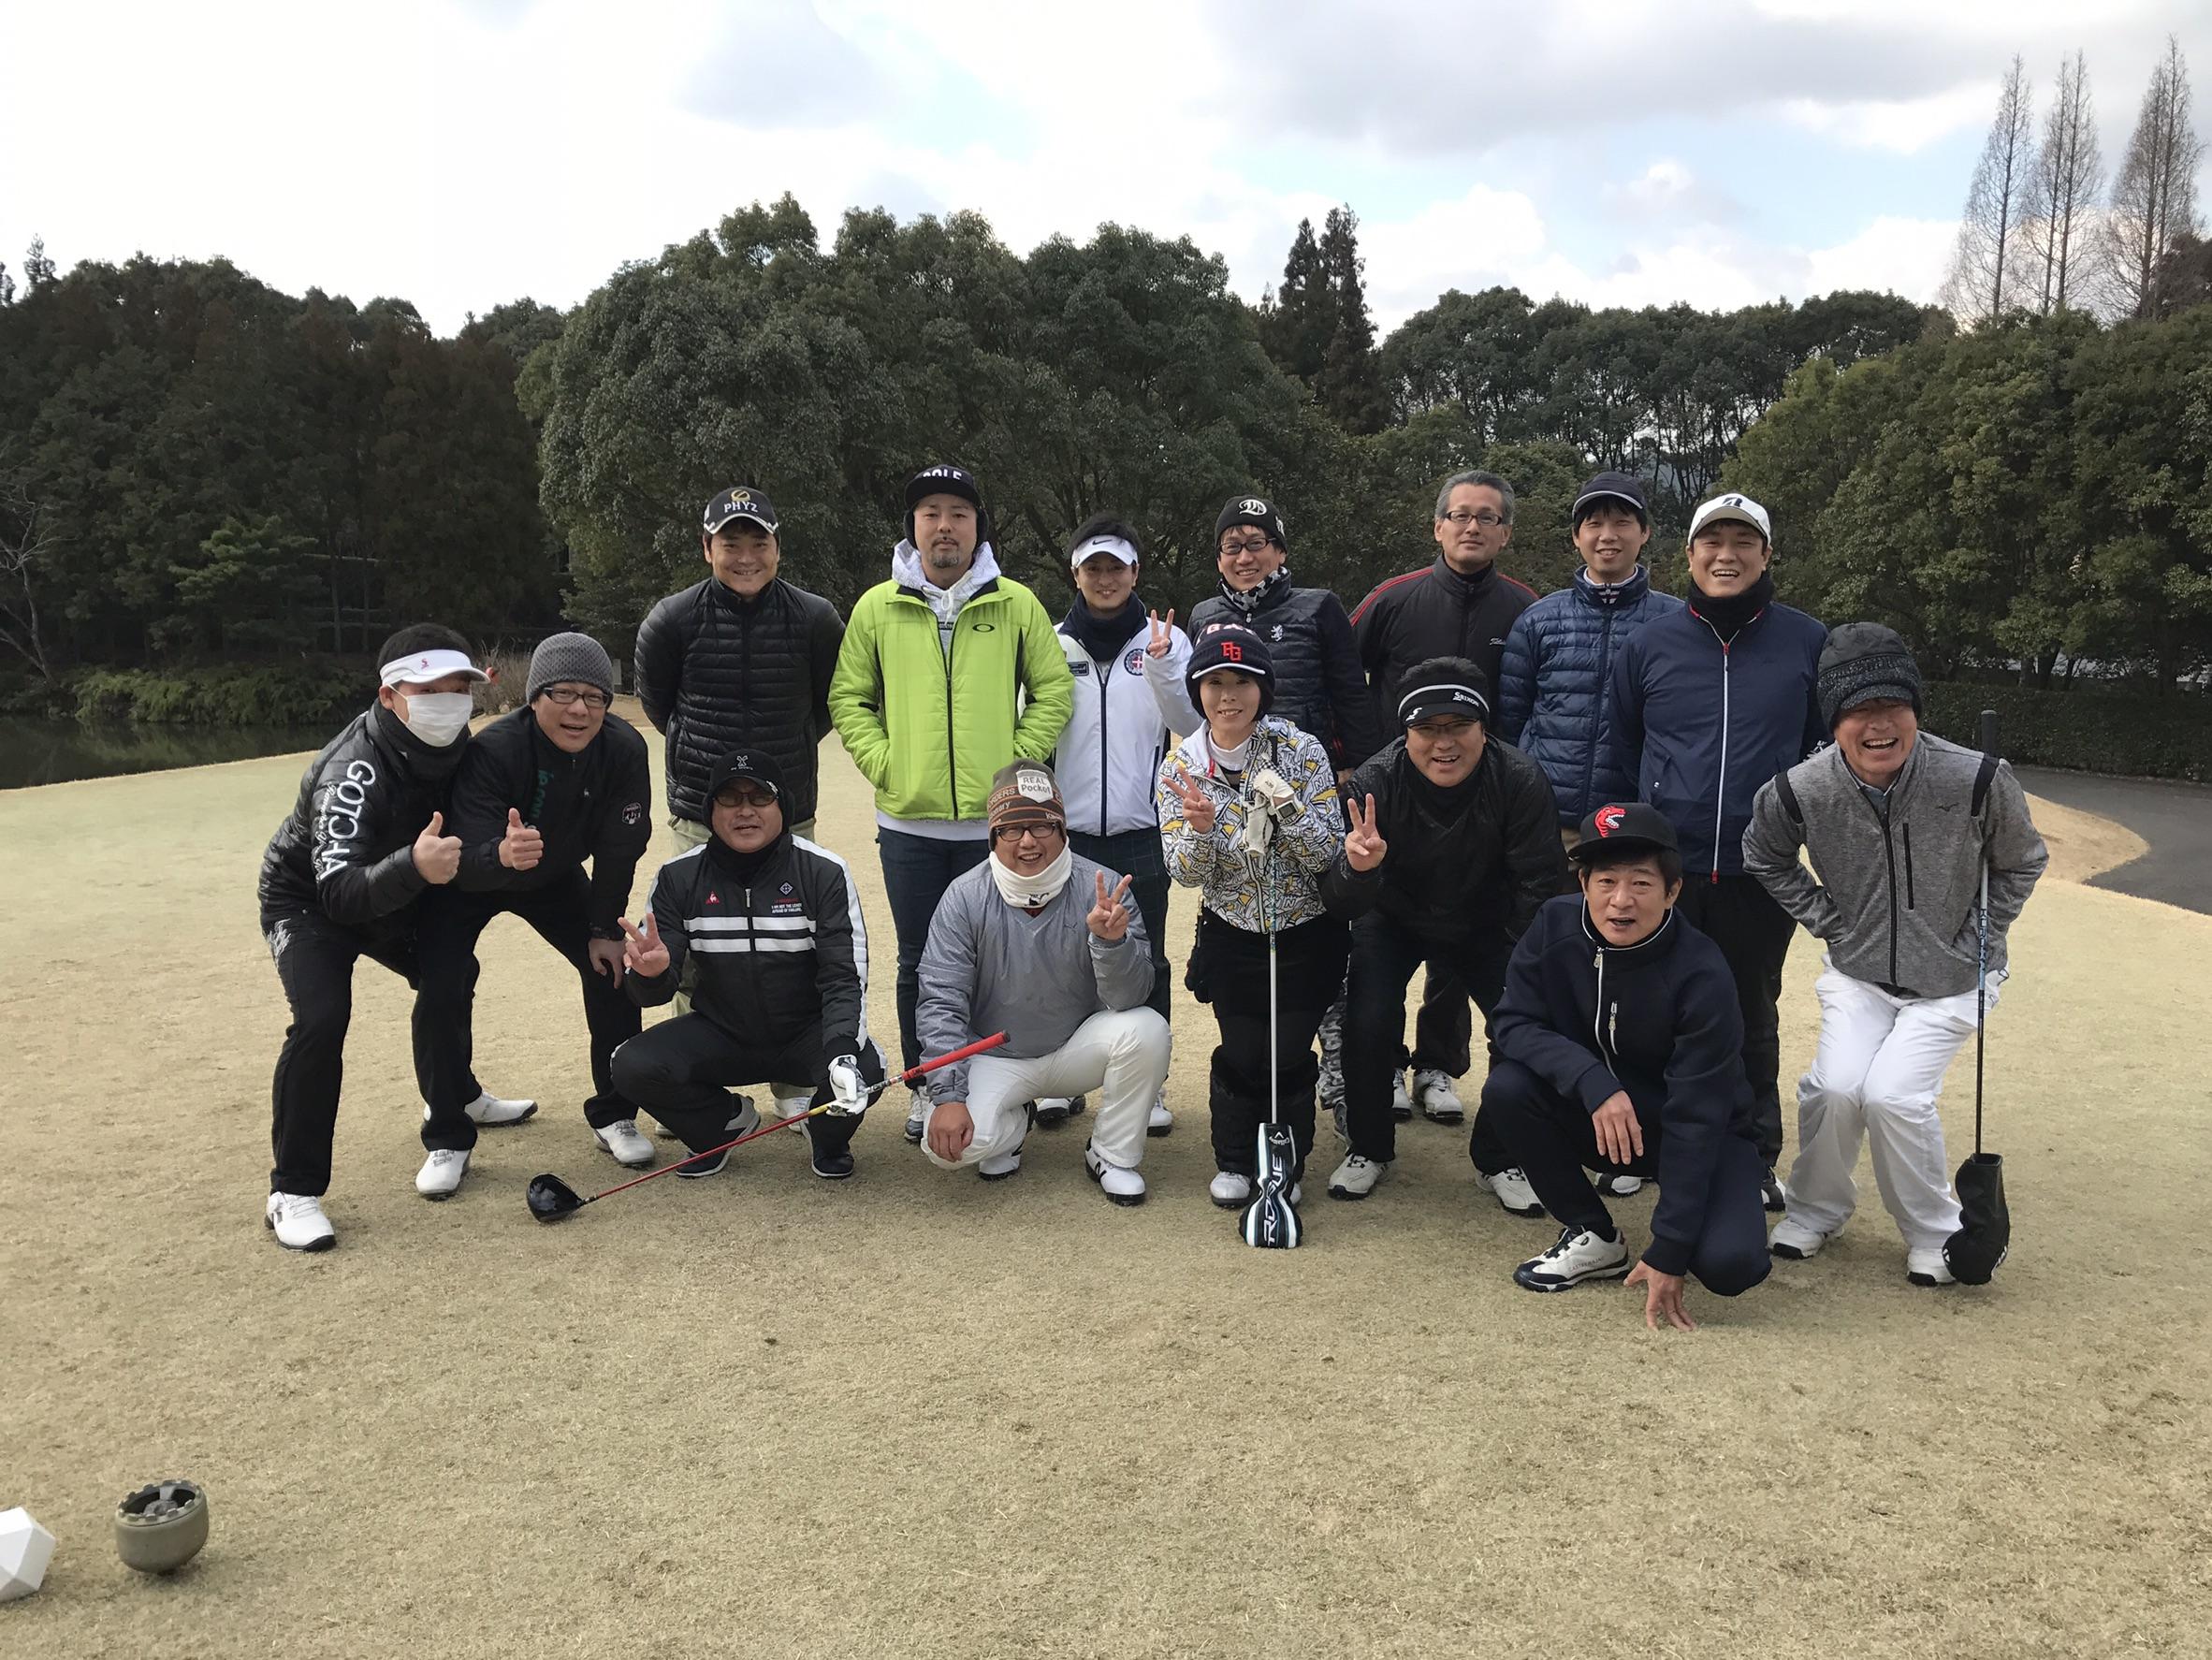 『第70回ゴルフコンペ』を開催しました!